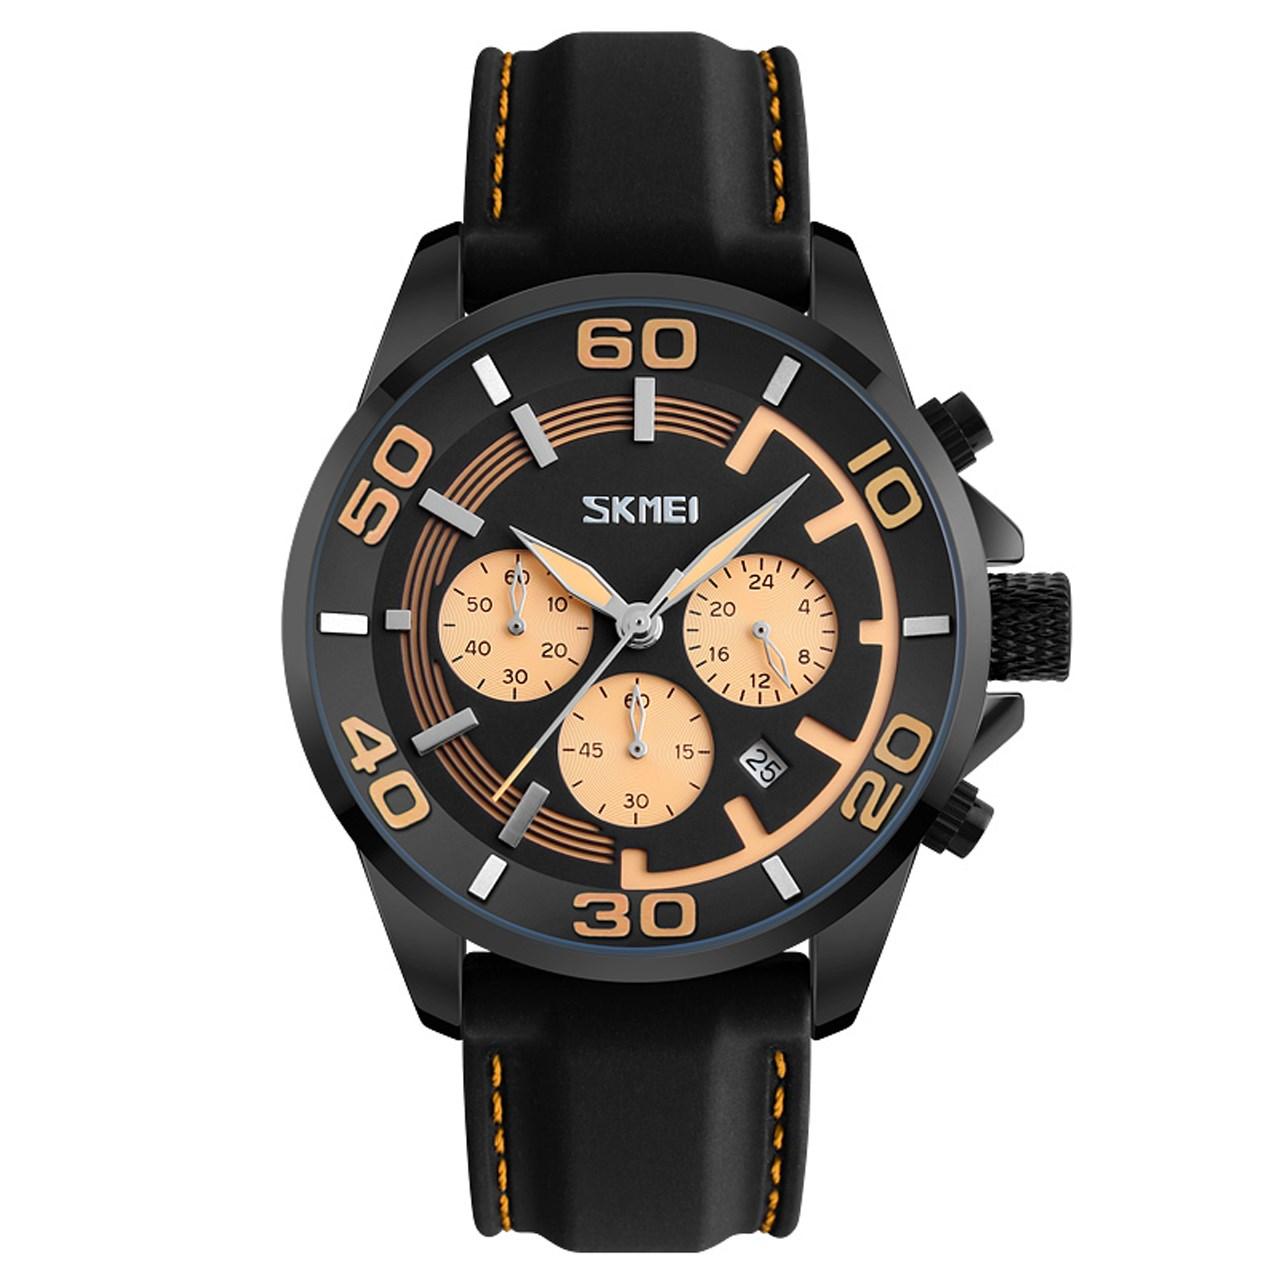 ساعت مچی عقربه ای مردانه اسکمی مدل 9154 کد 01              خرید (⭐️⭐️⭐️)